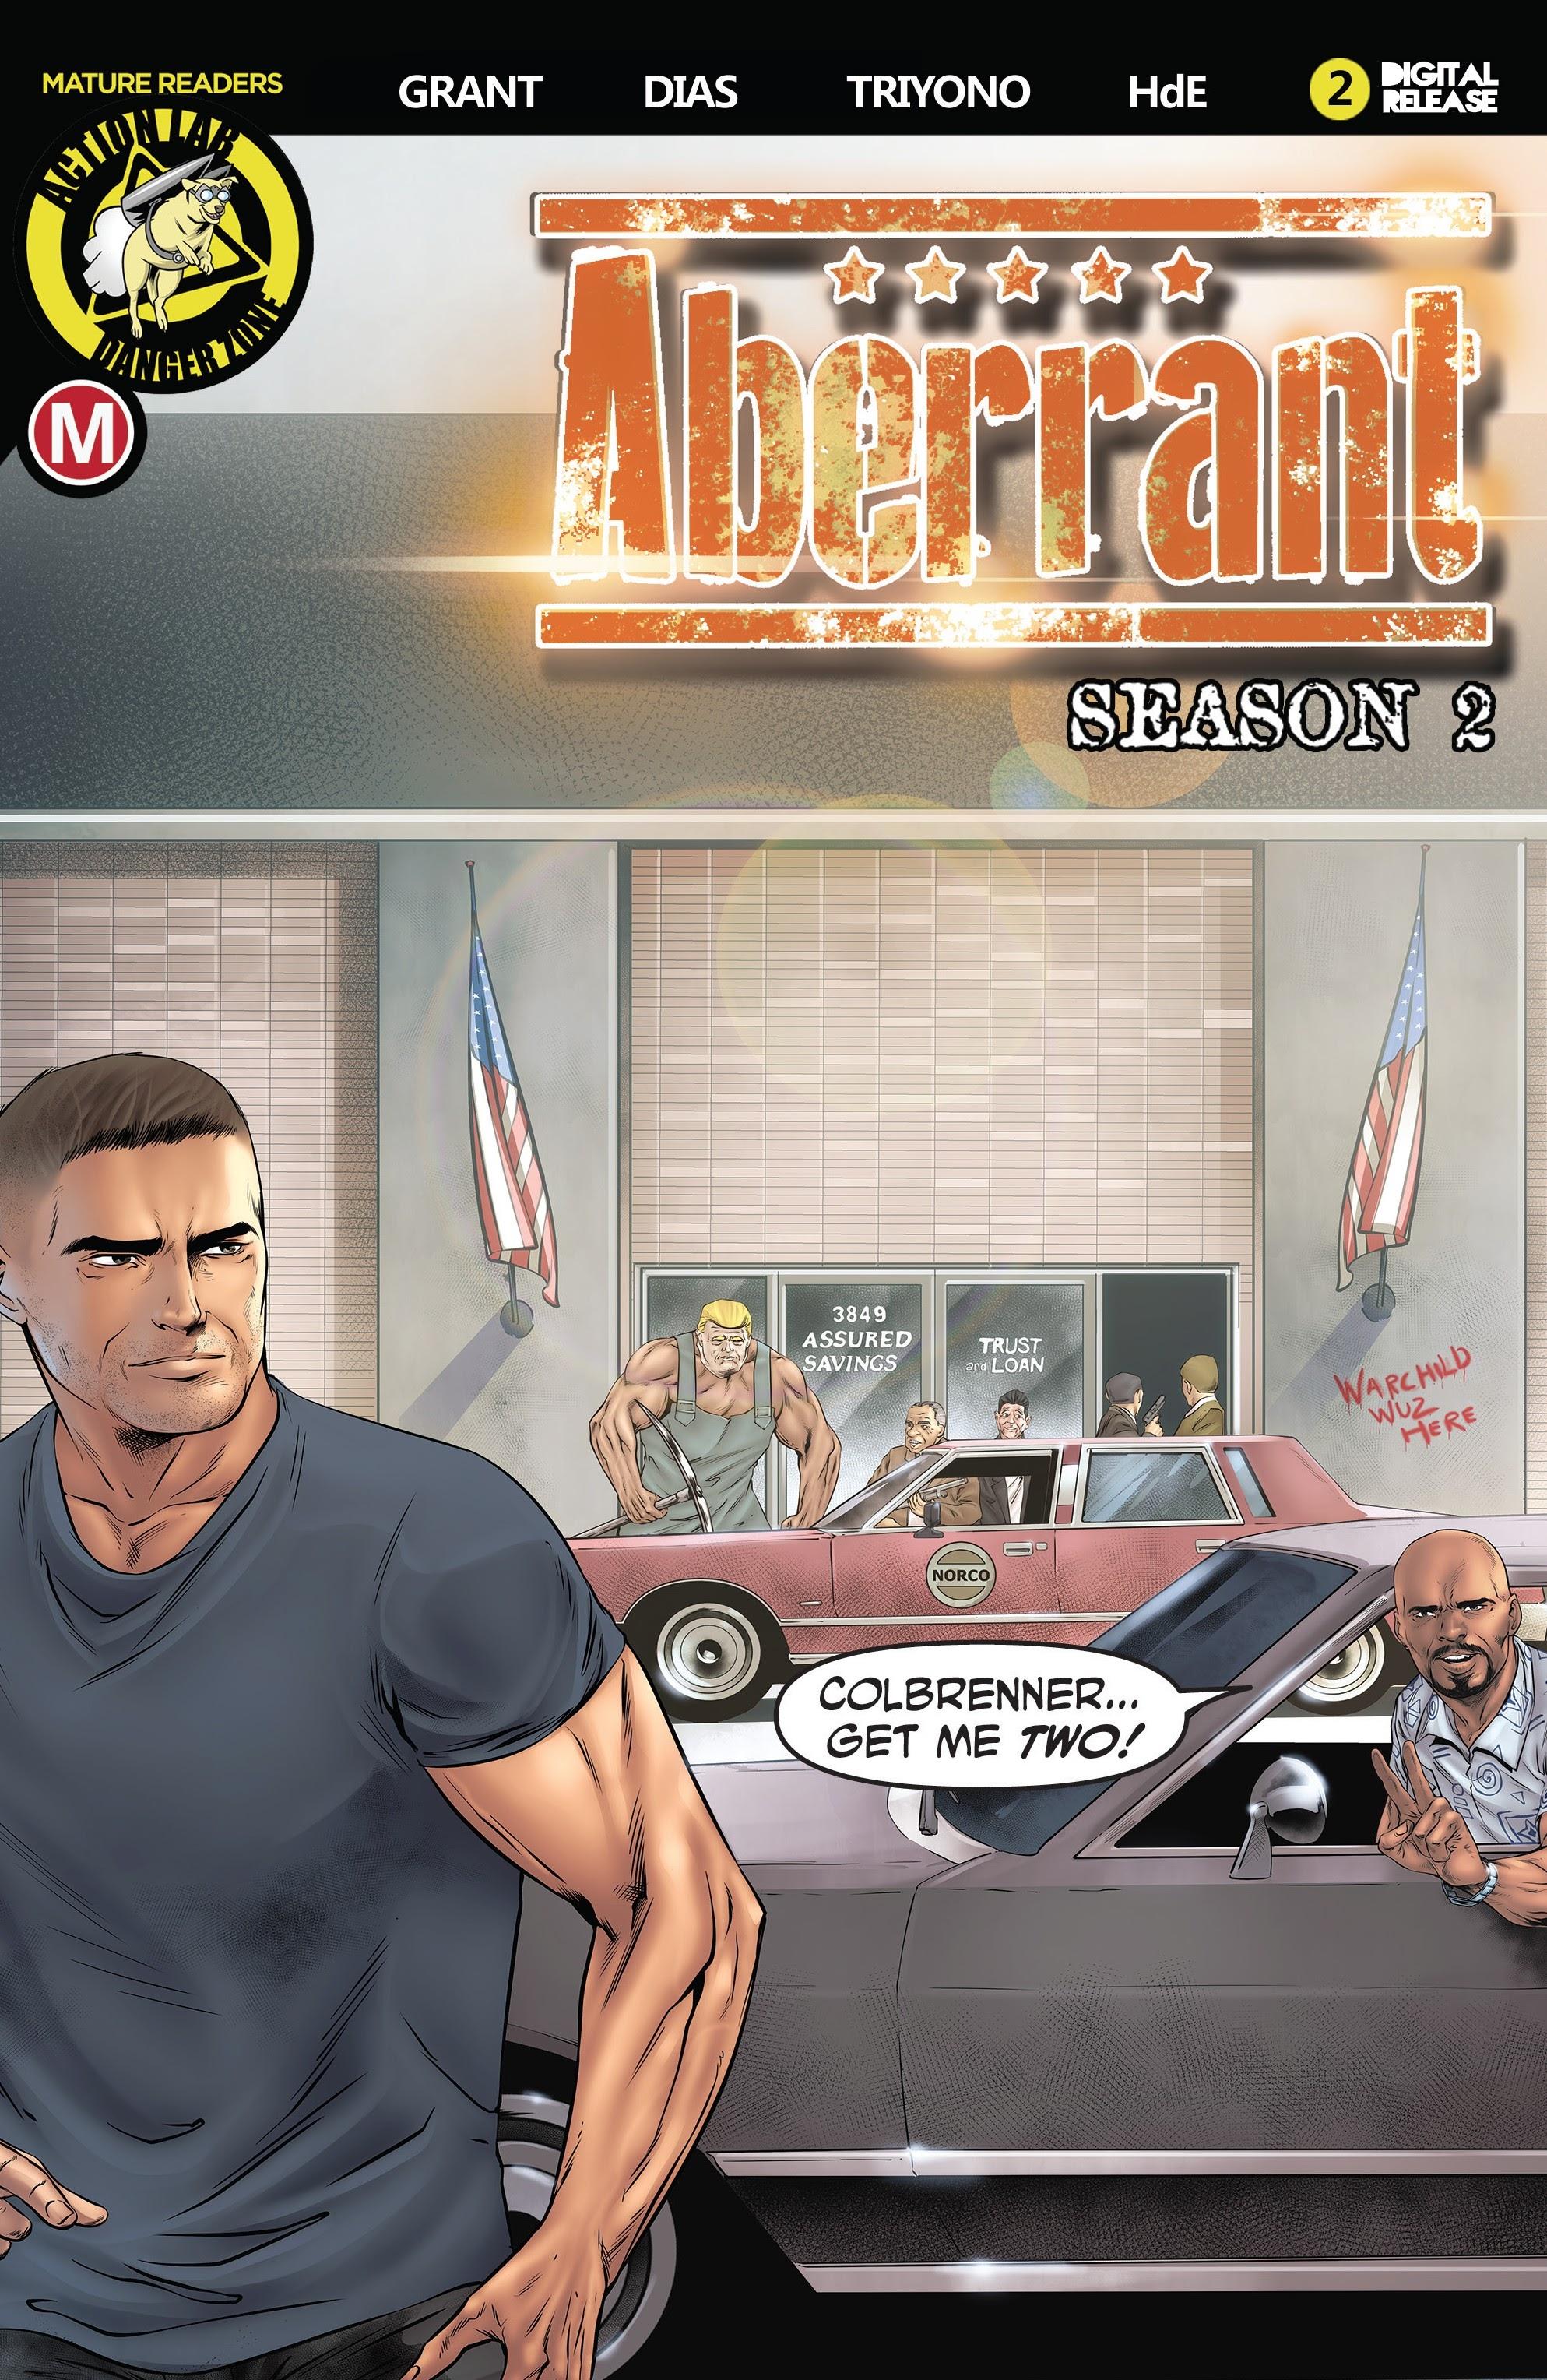 Aberrant Season 2 2 Page 1